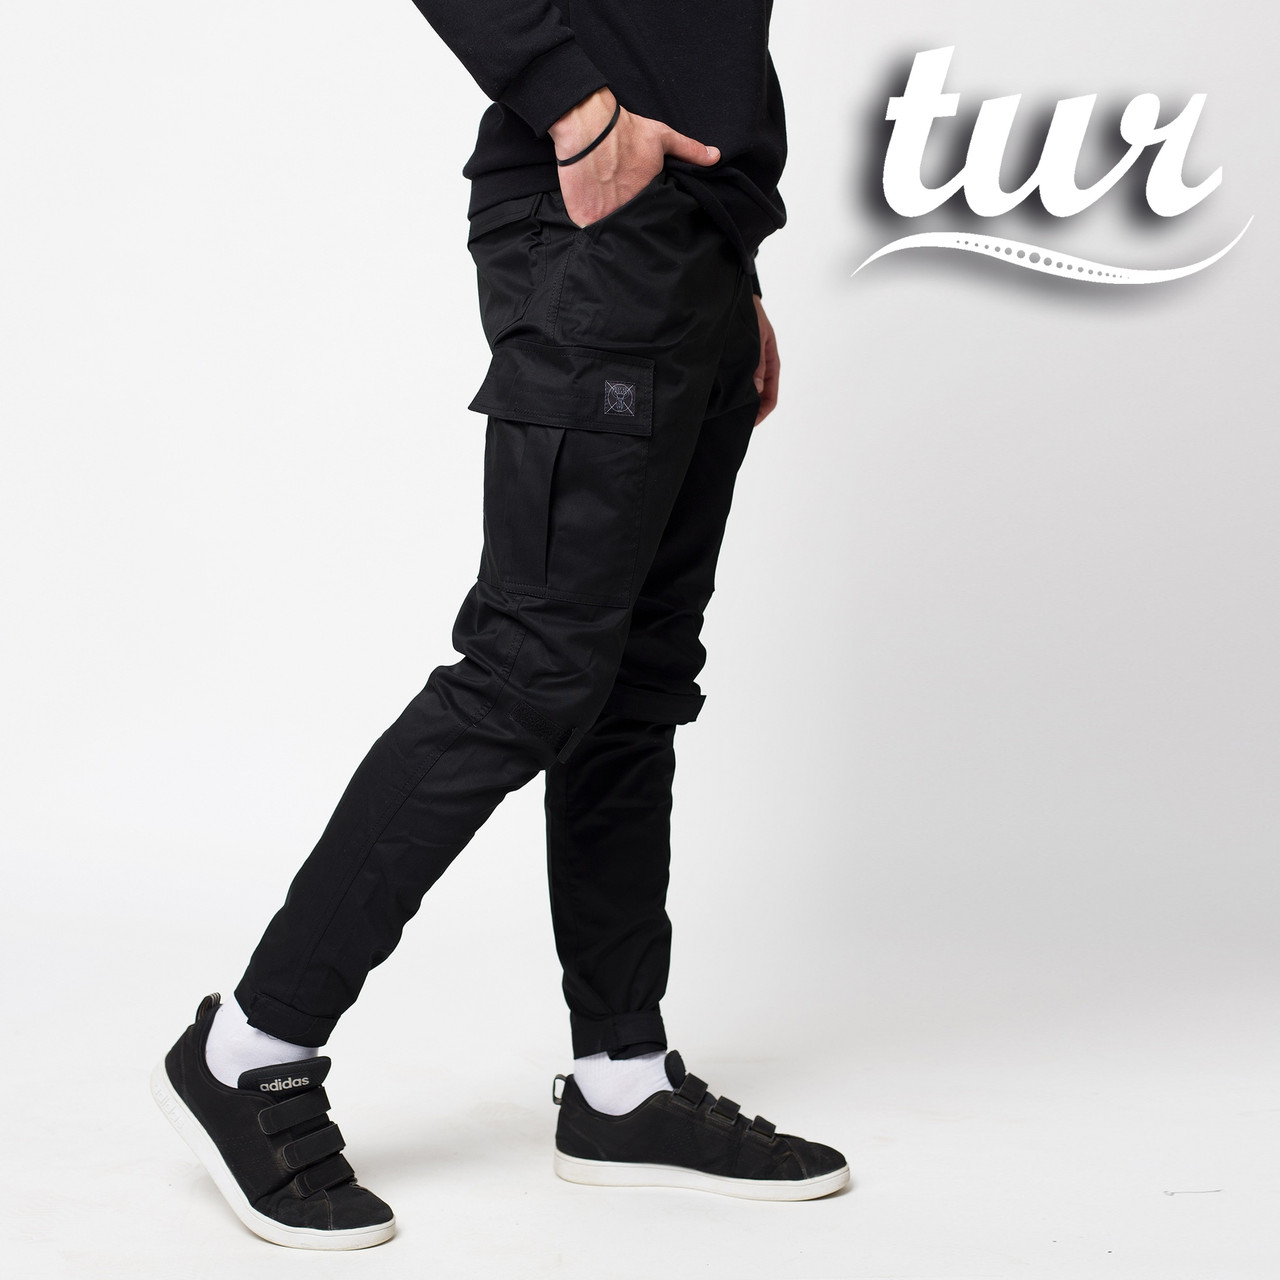 Зауженные карго штаны черные мужские от бренда ТУР Симбиот (Symbiote)